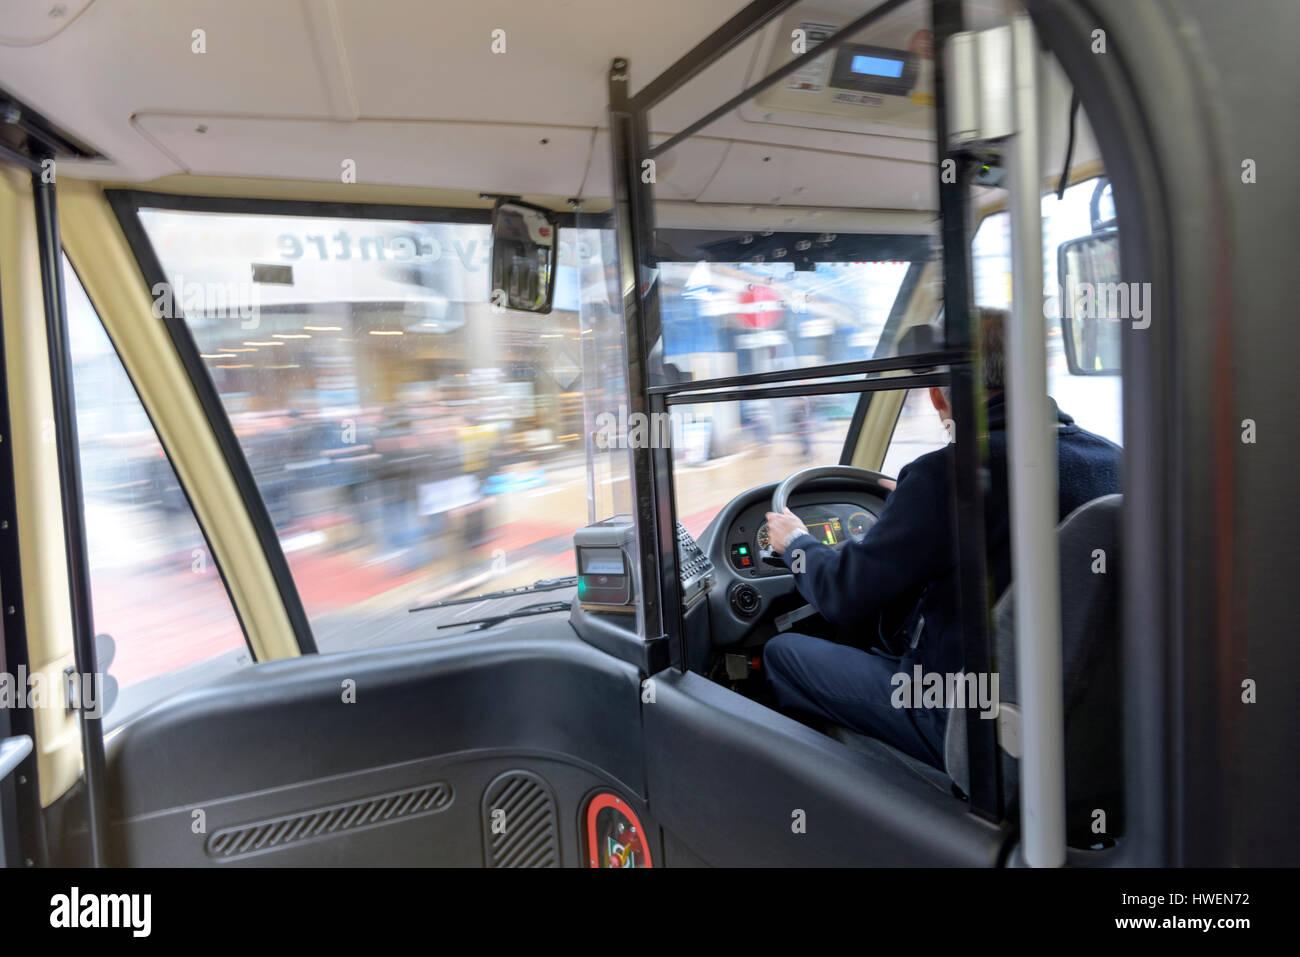 Controlador de bus autobús eléctrico de conducción en el tráfico Imagen De Stock